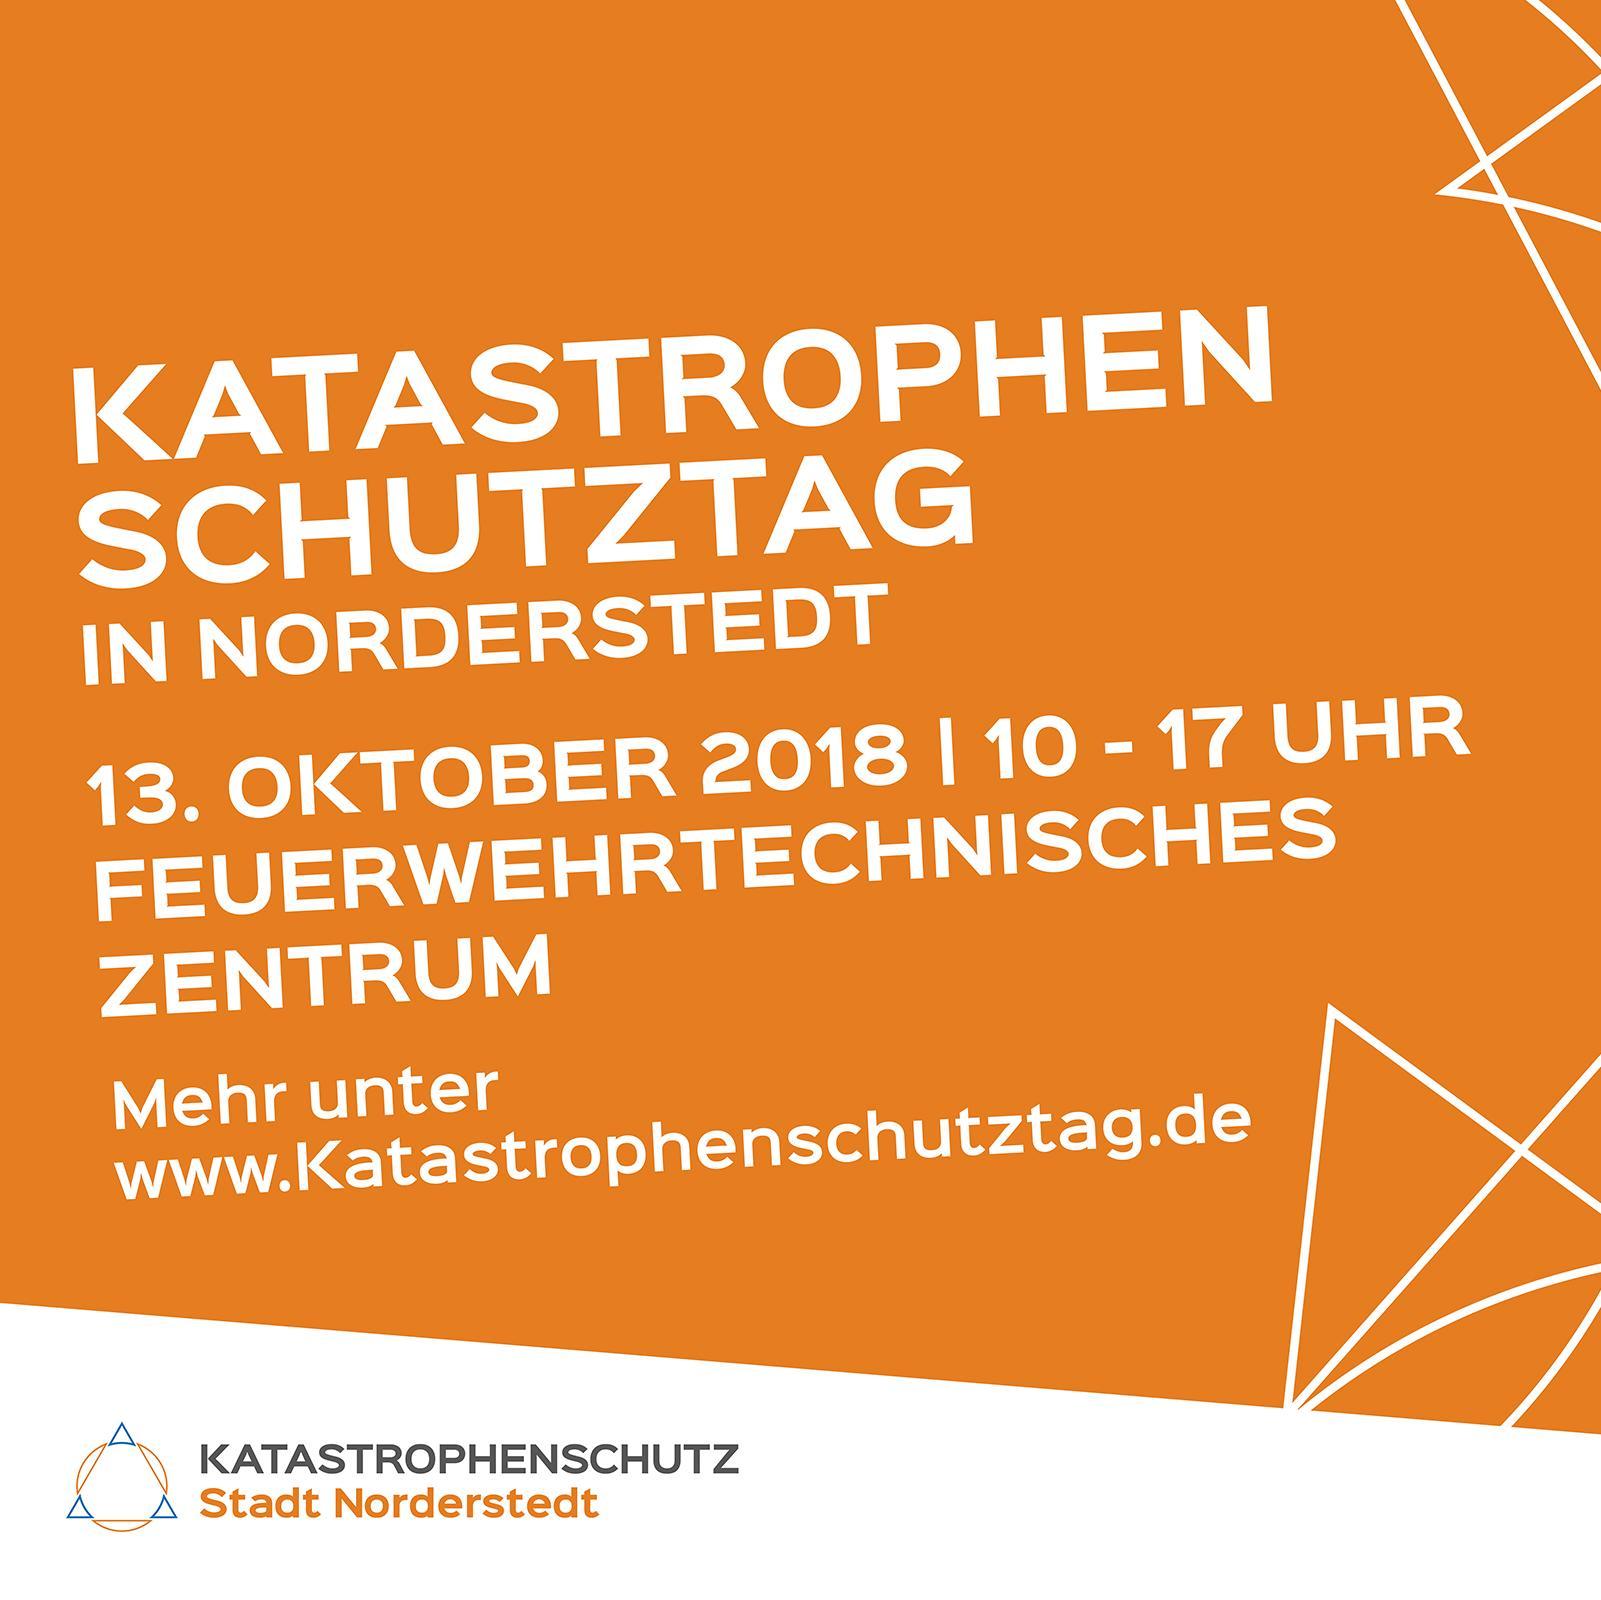 Kuki Design Katastrophenschutz Norderstedt Vorschau Markenauftritt Logogestaltung Webdesign Umsetzung Corporate Design